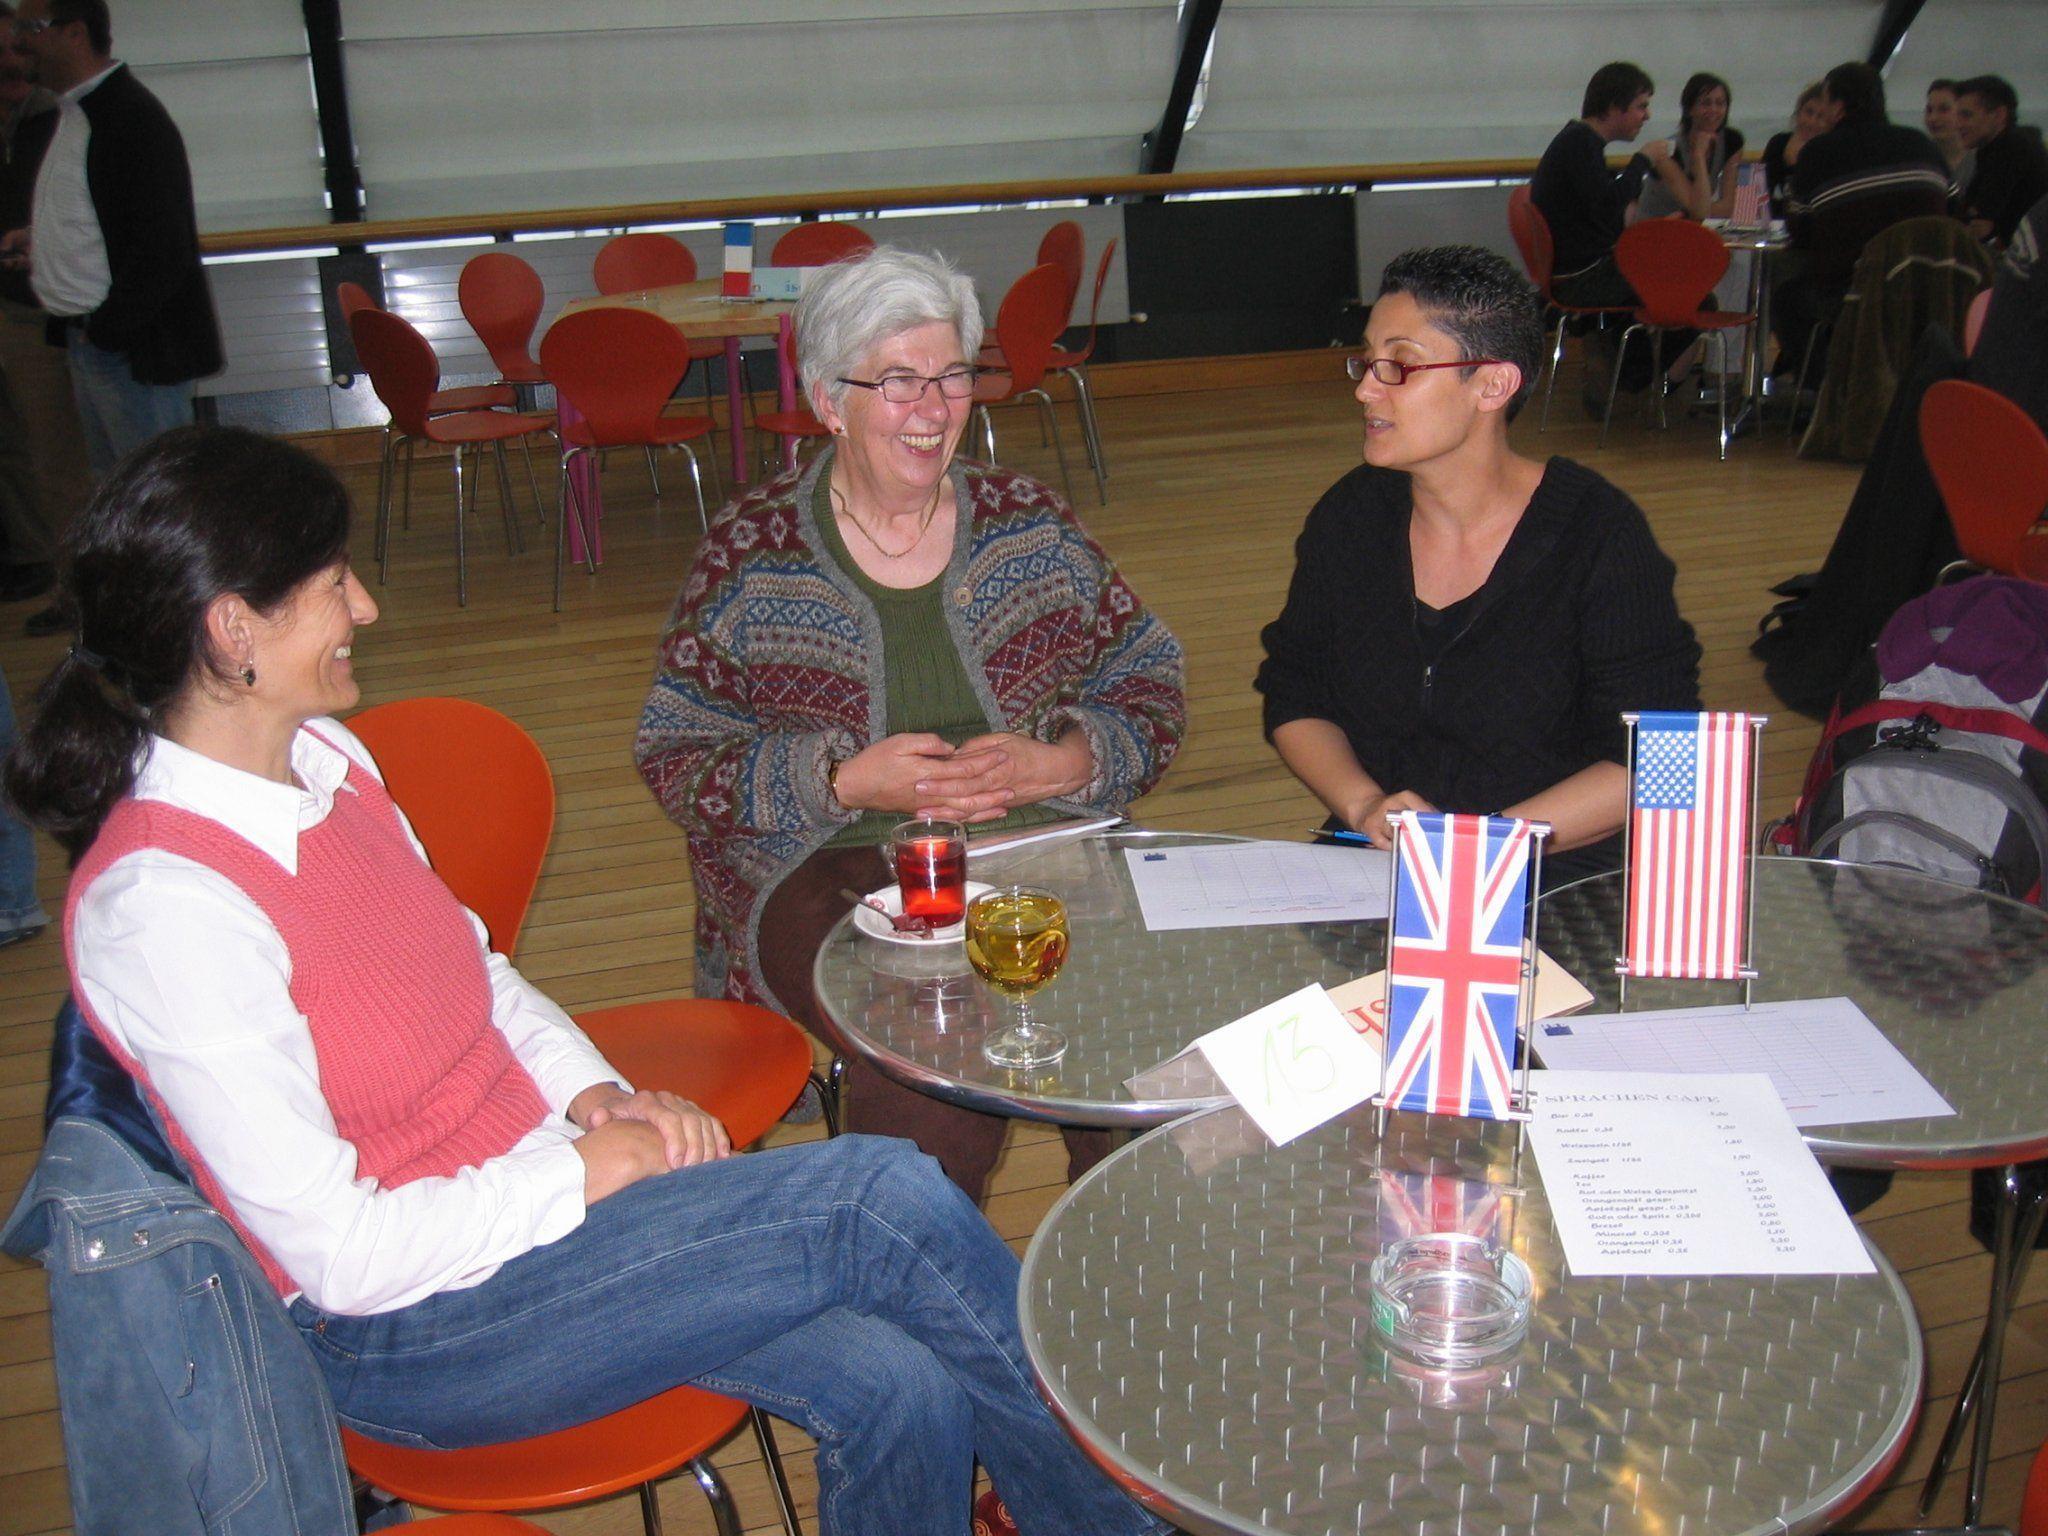 Viel Spaß und auch neue Freundschaften können beim Sprachencafé in Götzis entstehen